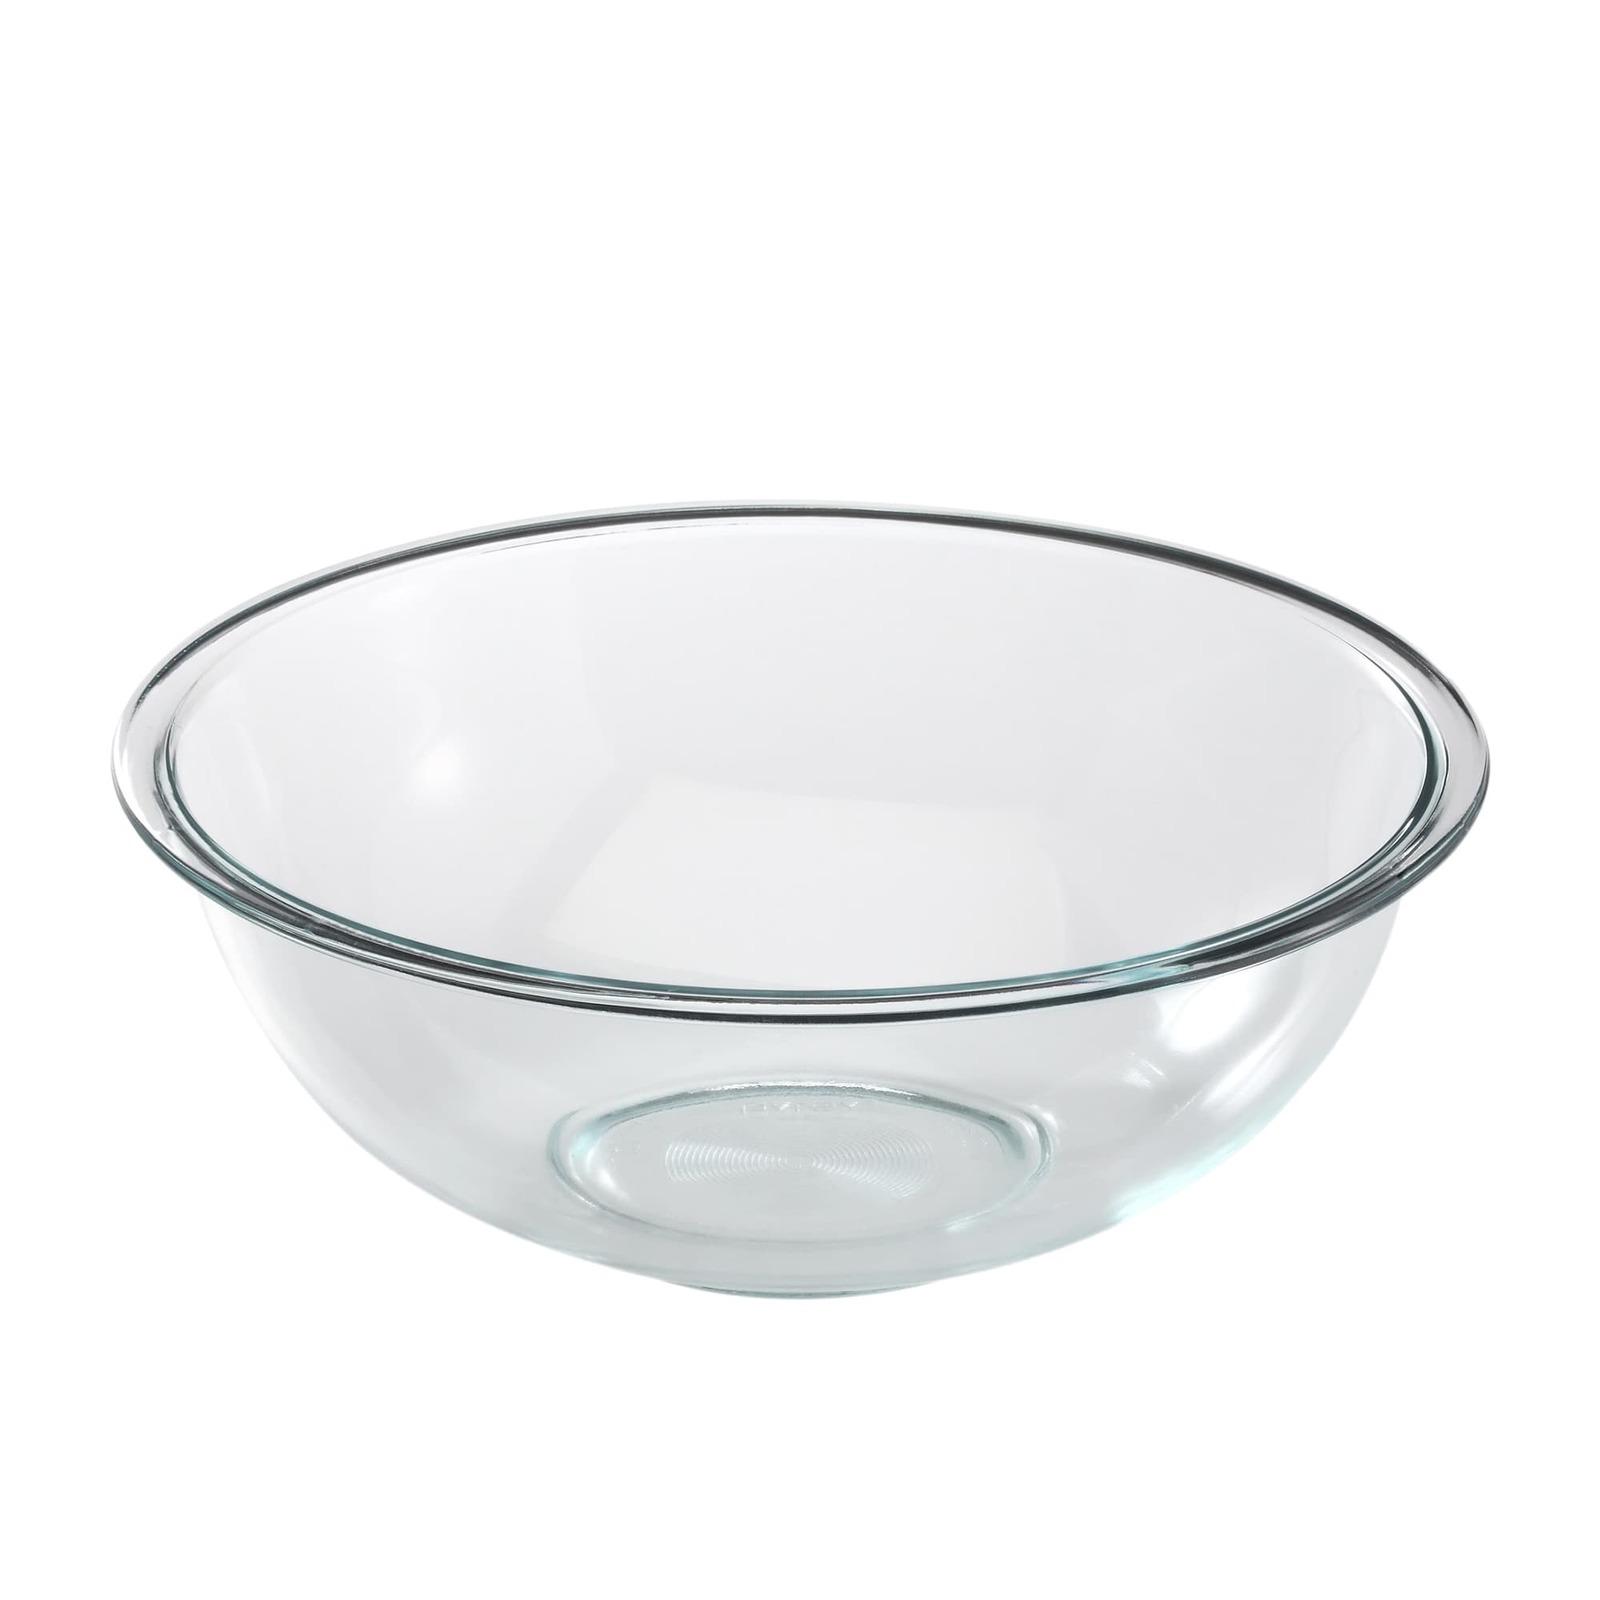 Pyrex Smart Essentials Mixing Bowl 3.8L